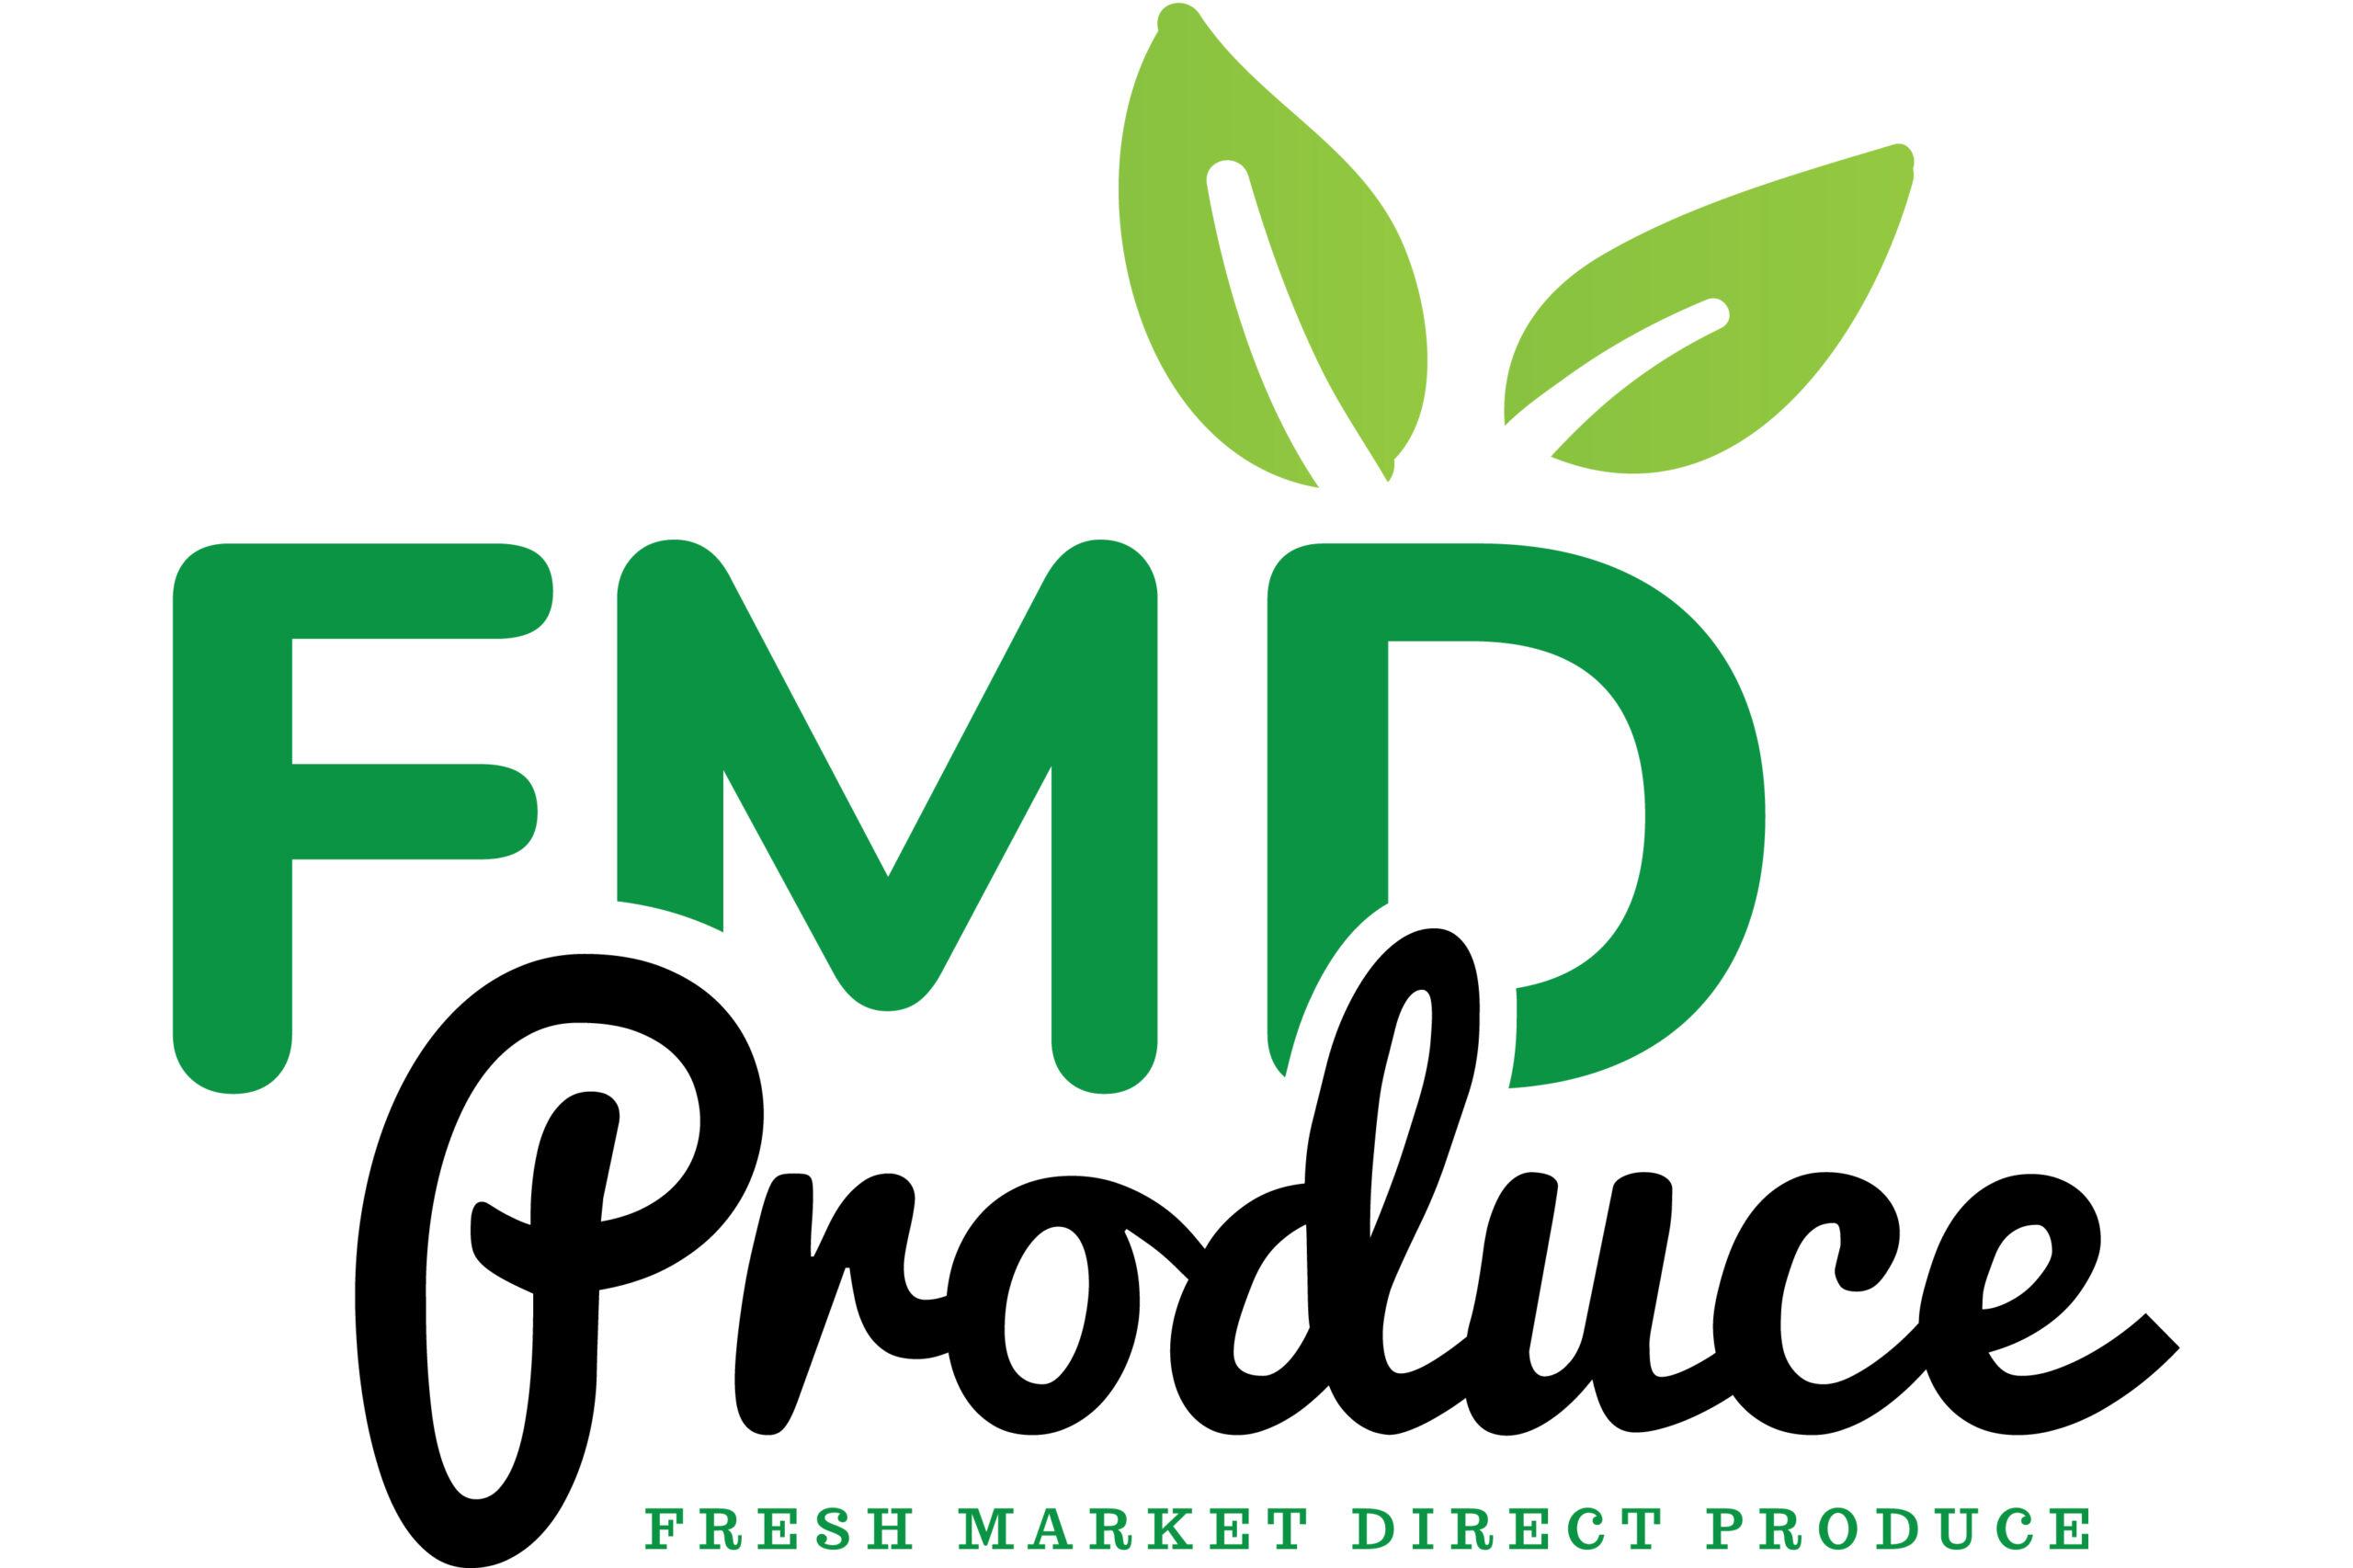 Fresh Market Direct Produce